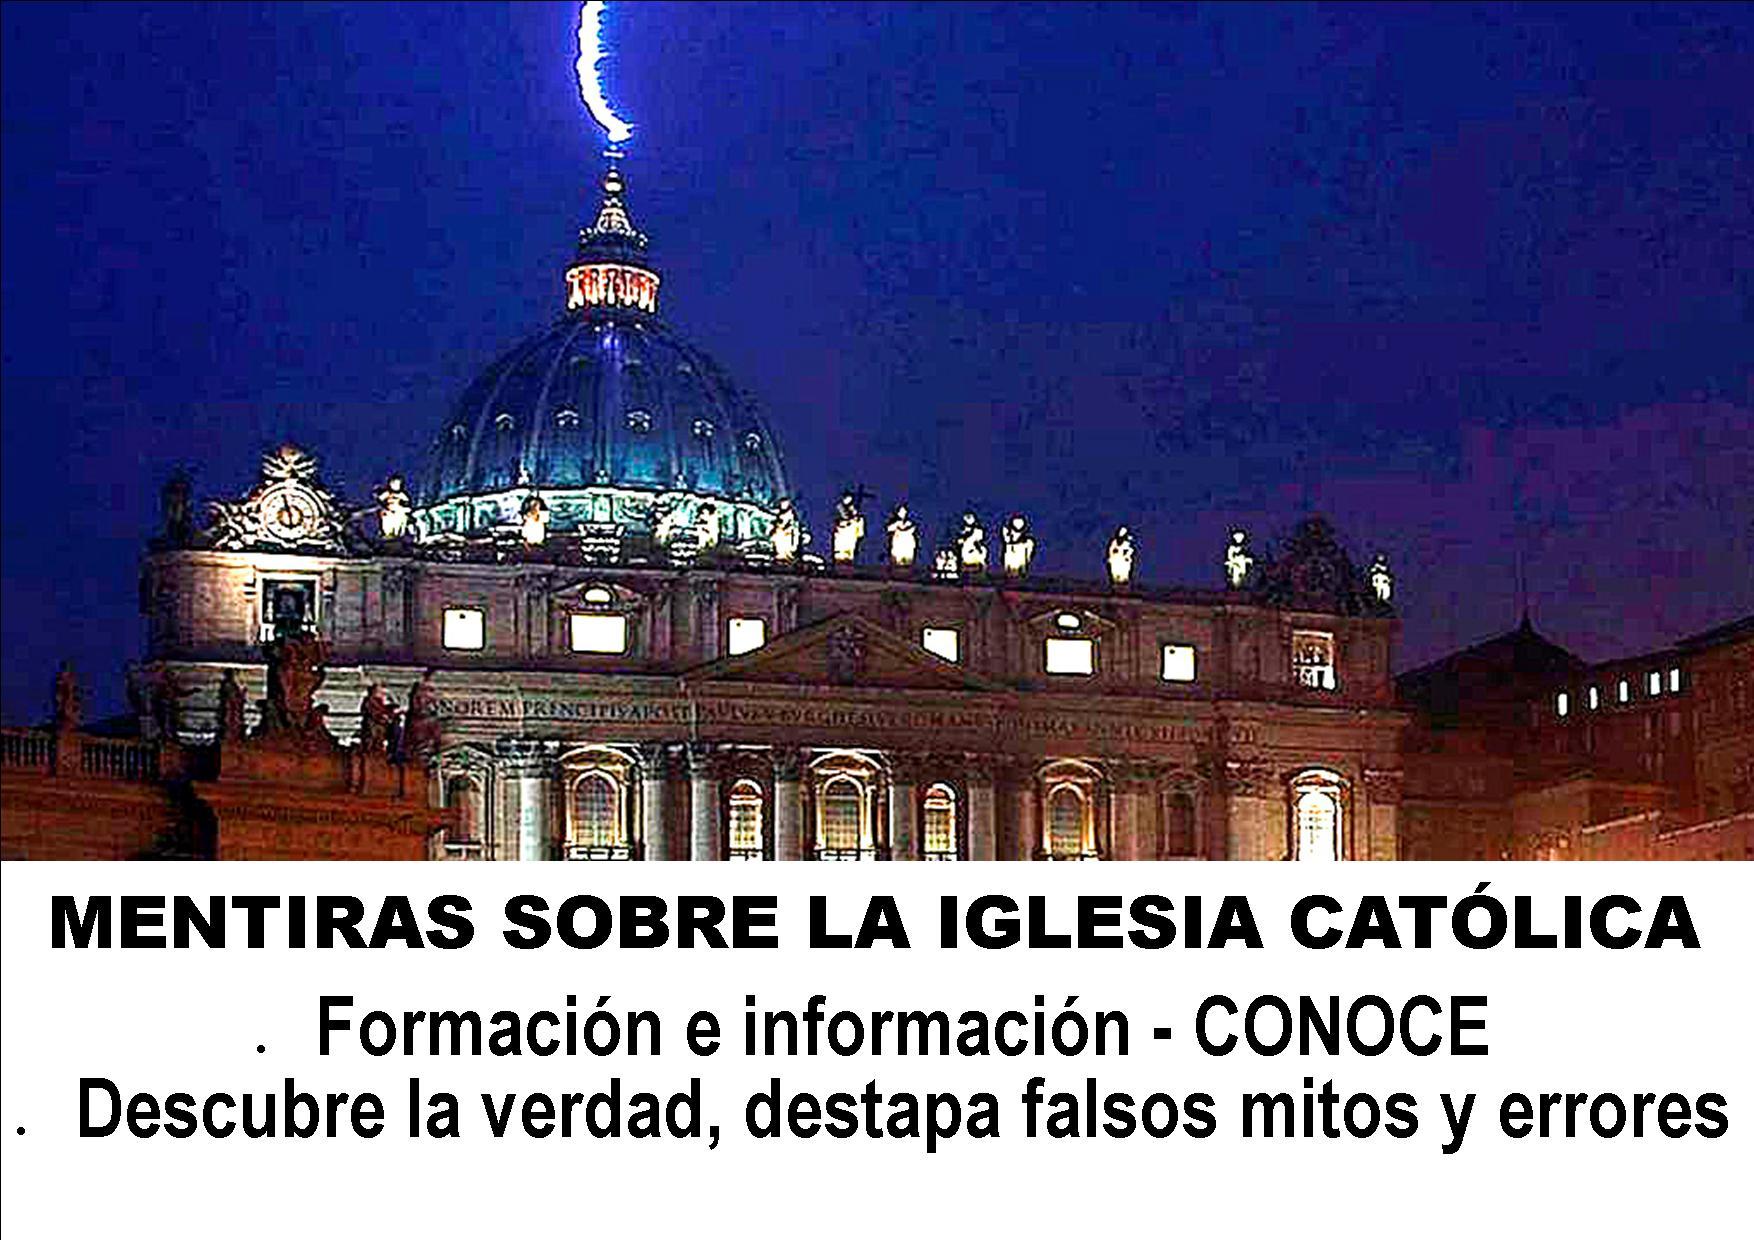 MSLICATOLICA: Formación e información. Aclaramos mentiras sobre la Iglesia y la religión Católica.